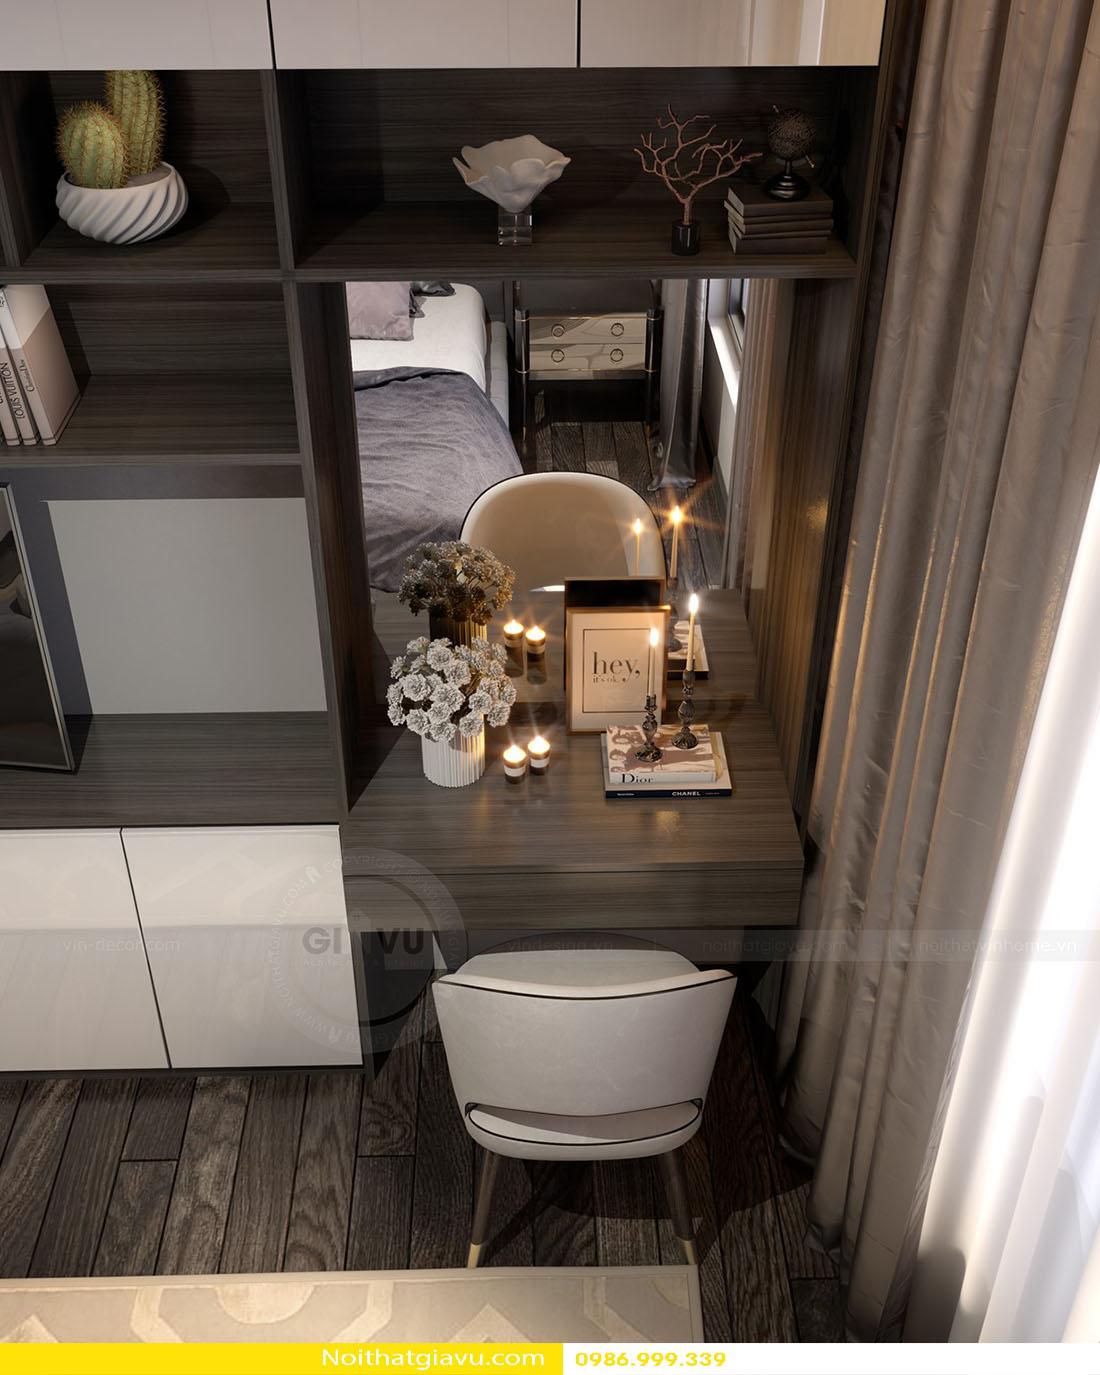 thiết kế nội thất chung cư Gardenia a2 11 09